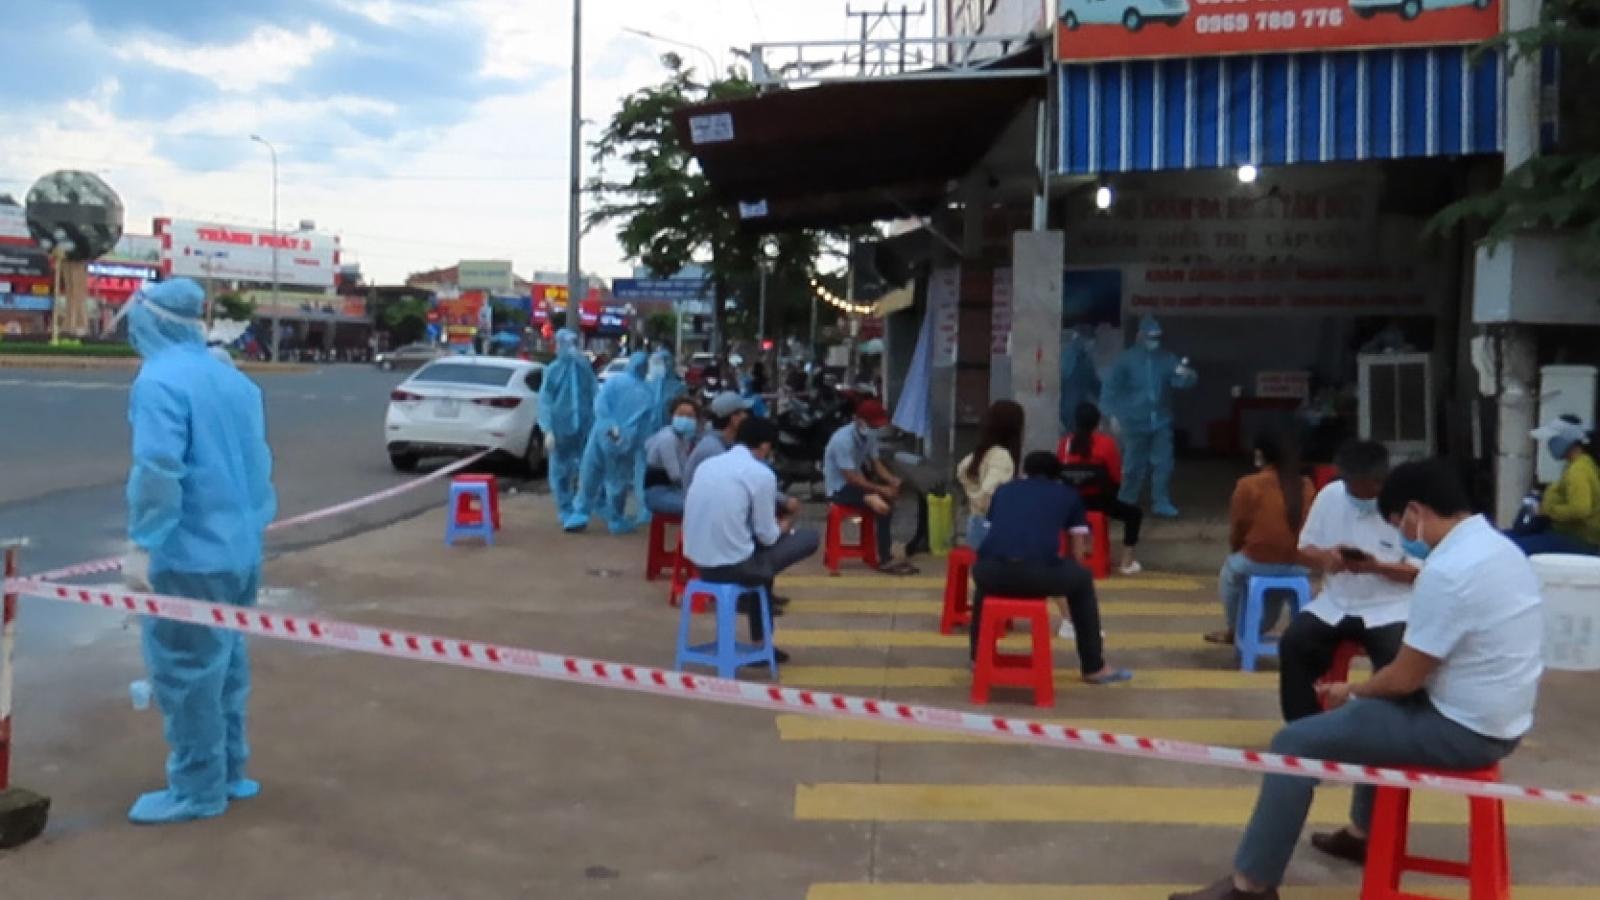 Bình Phước đóng cửa cơ sở kinh doanh không thiết yếu, dừng chợ tự phát vì Covid-19